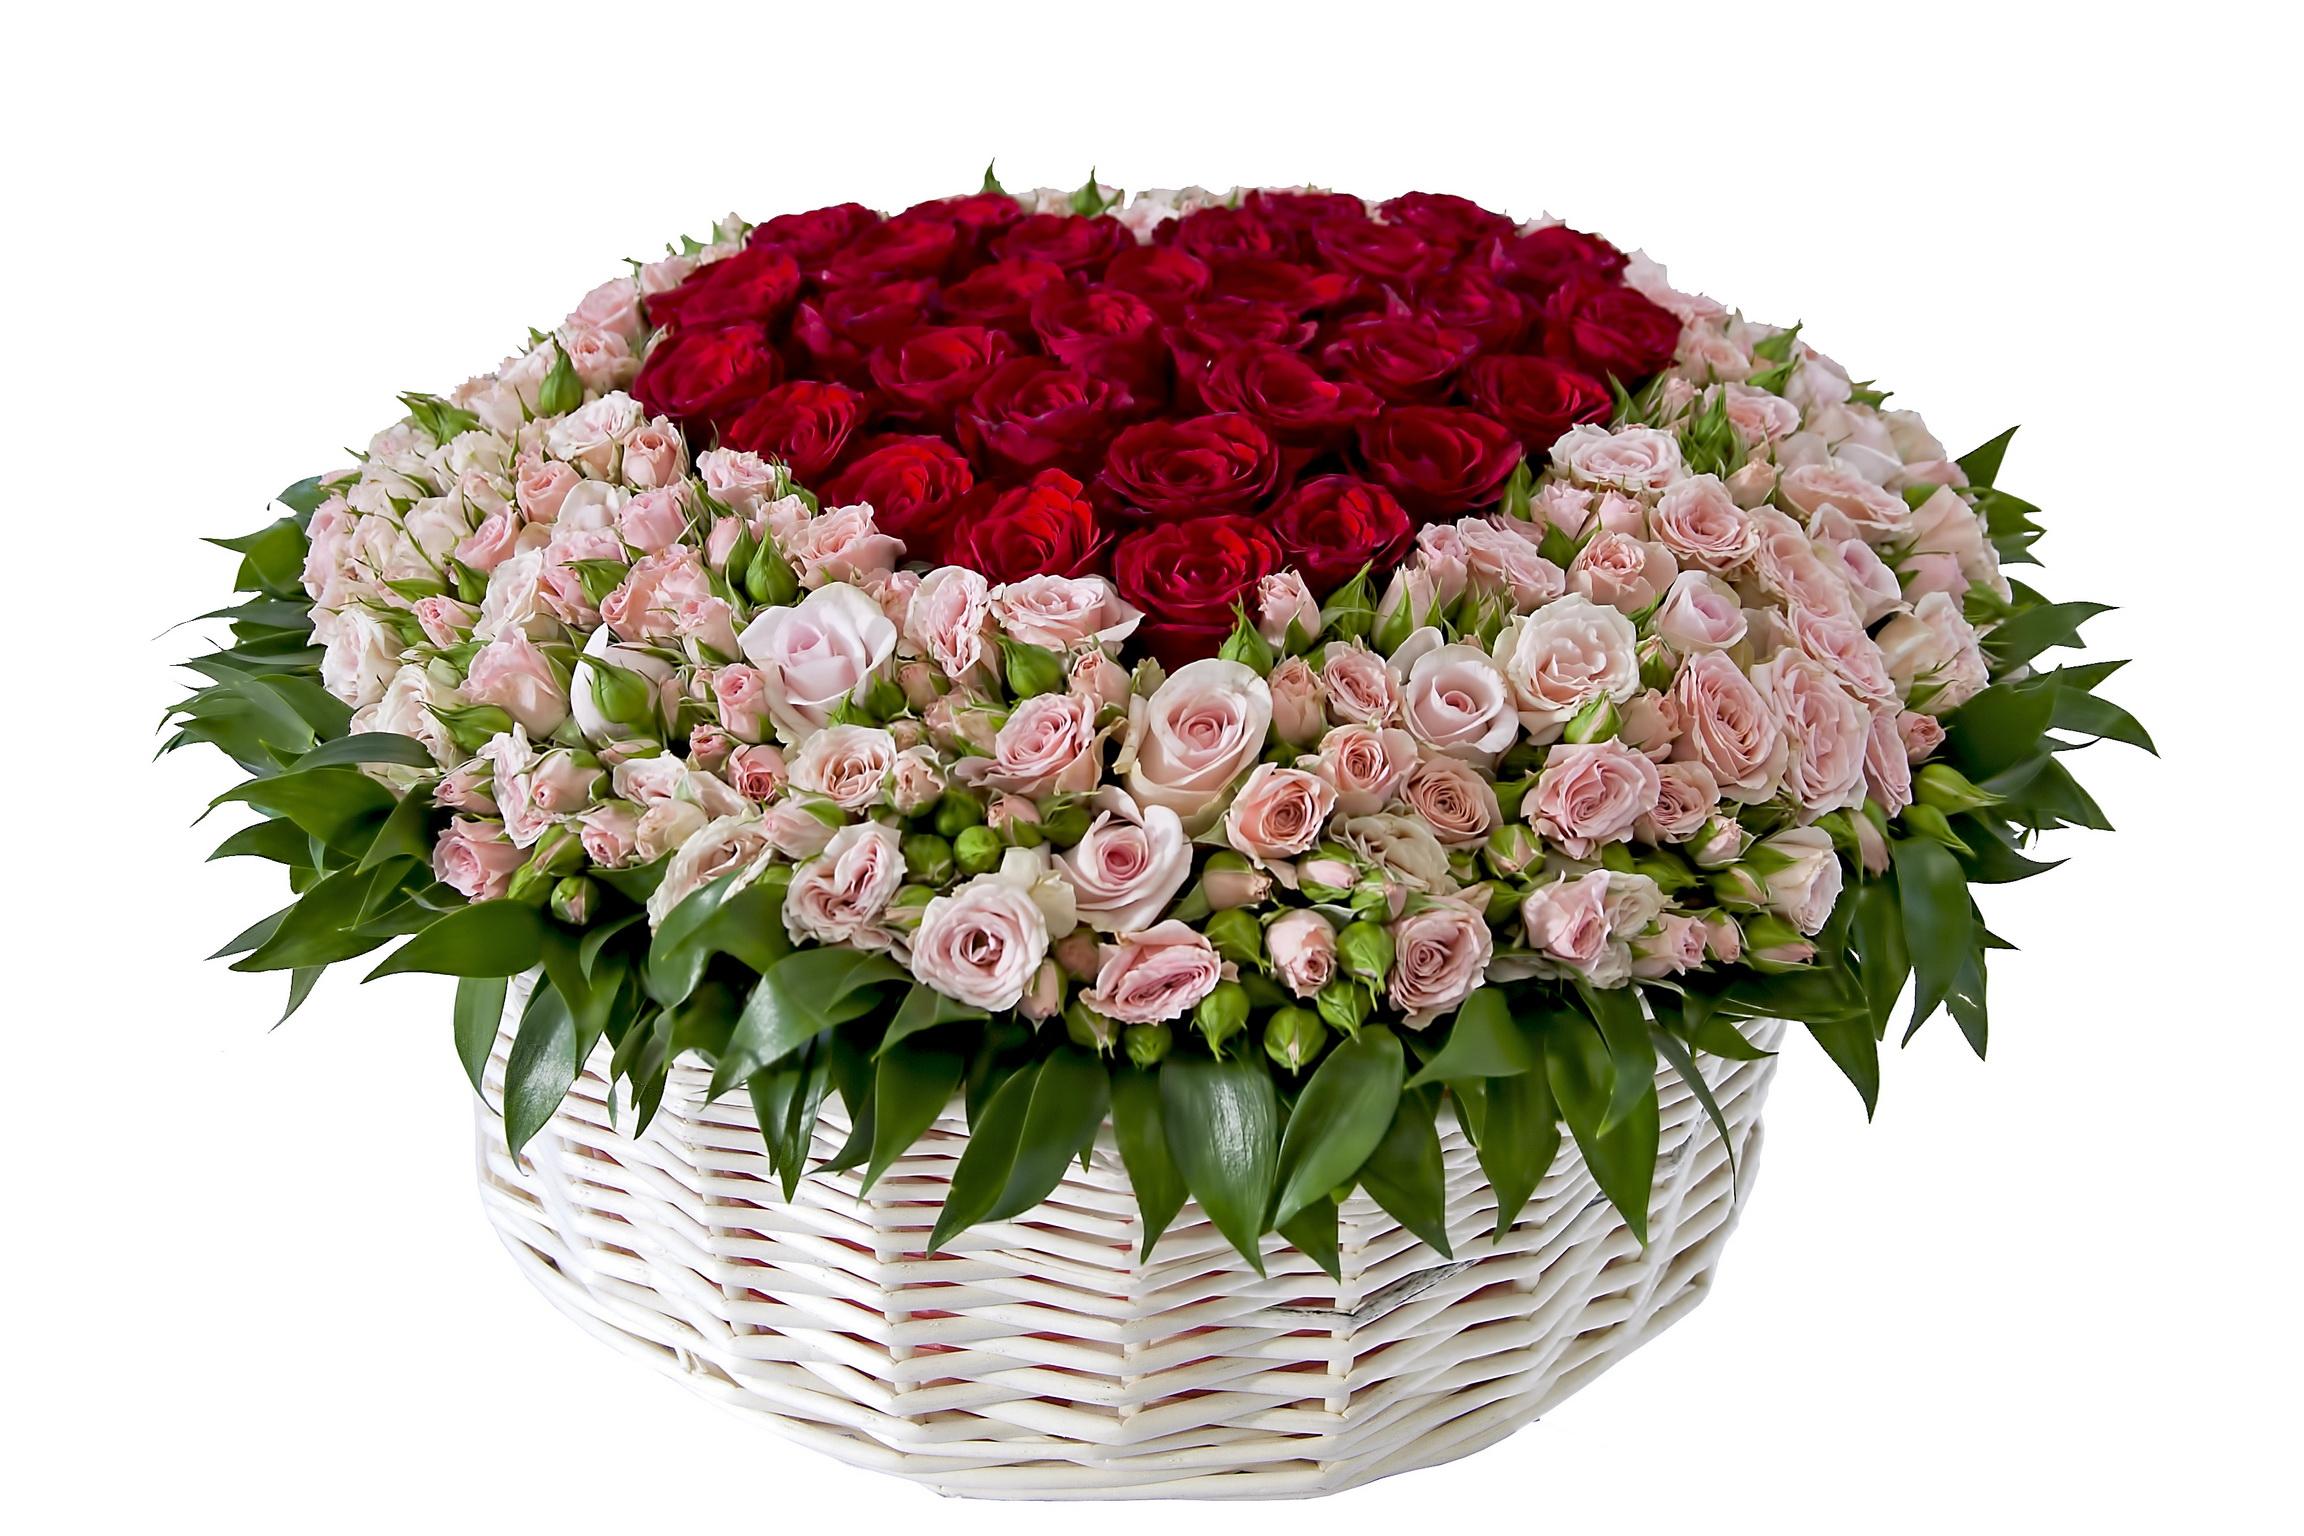 Фото картинки цветов букетов